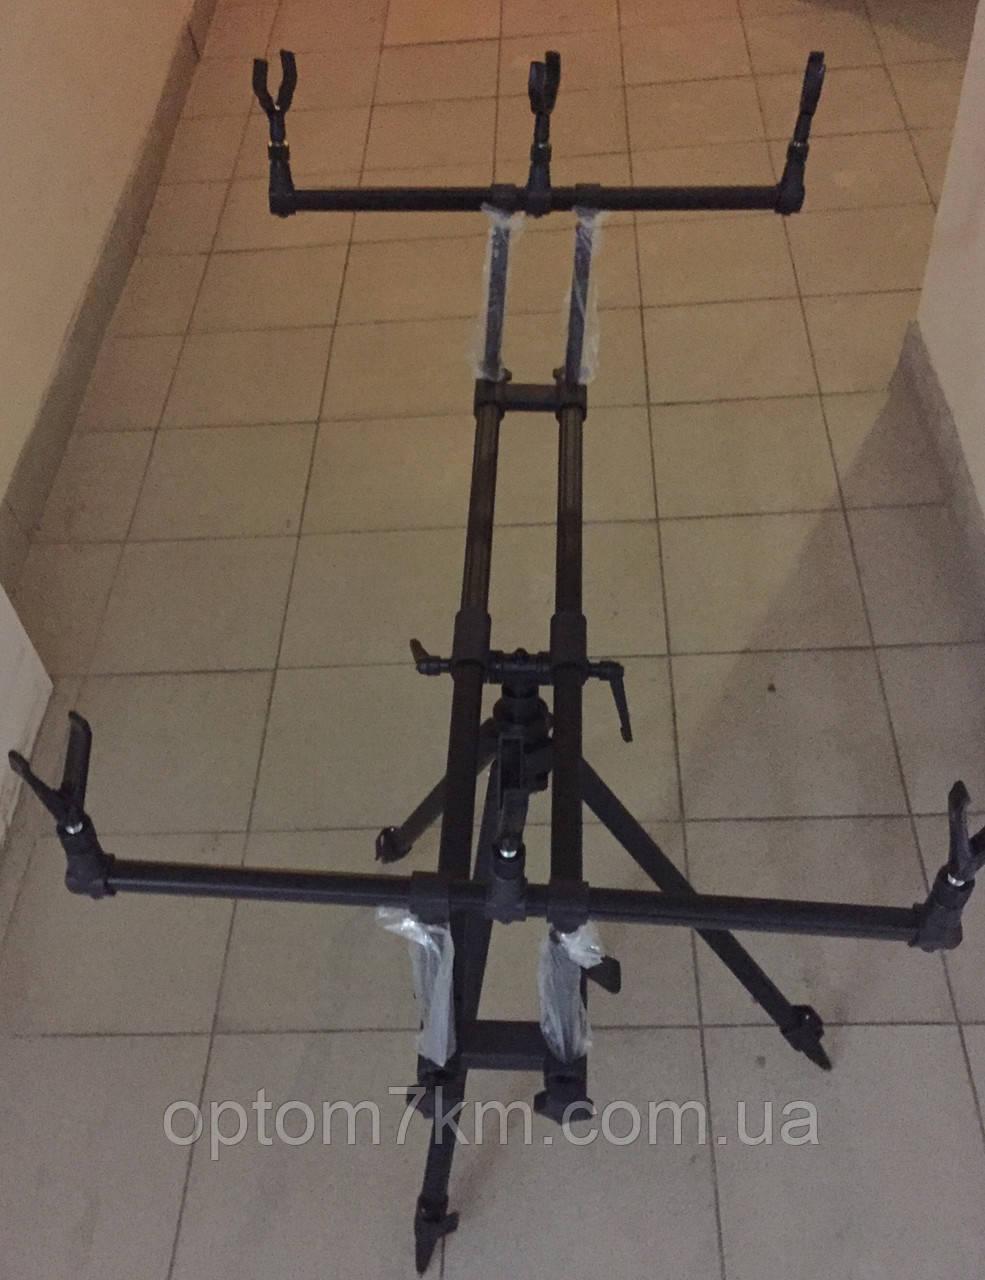 Подставка для удилищ Rod pod арт: HY132-2N